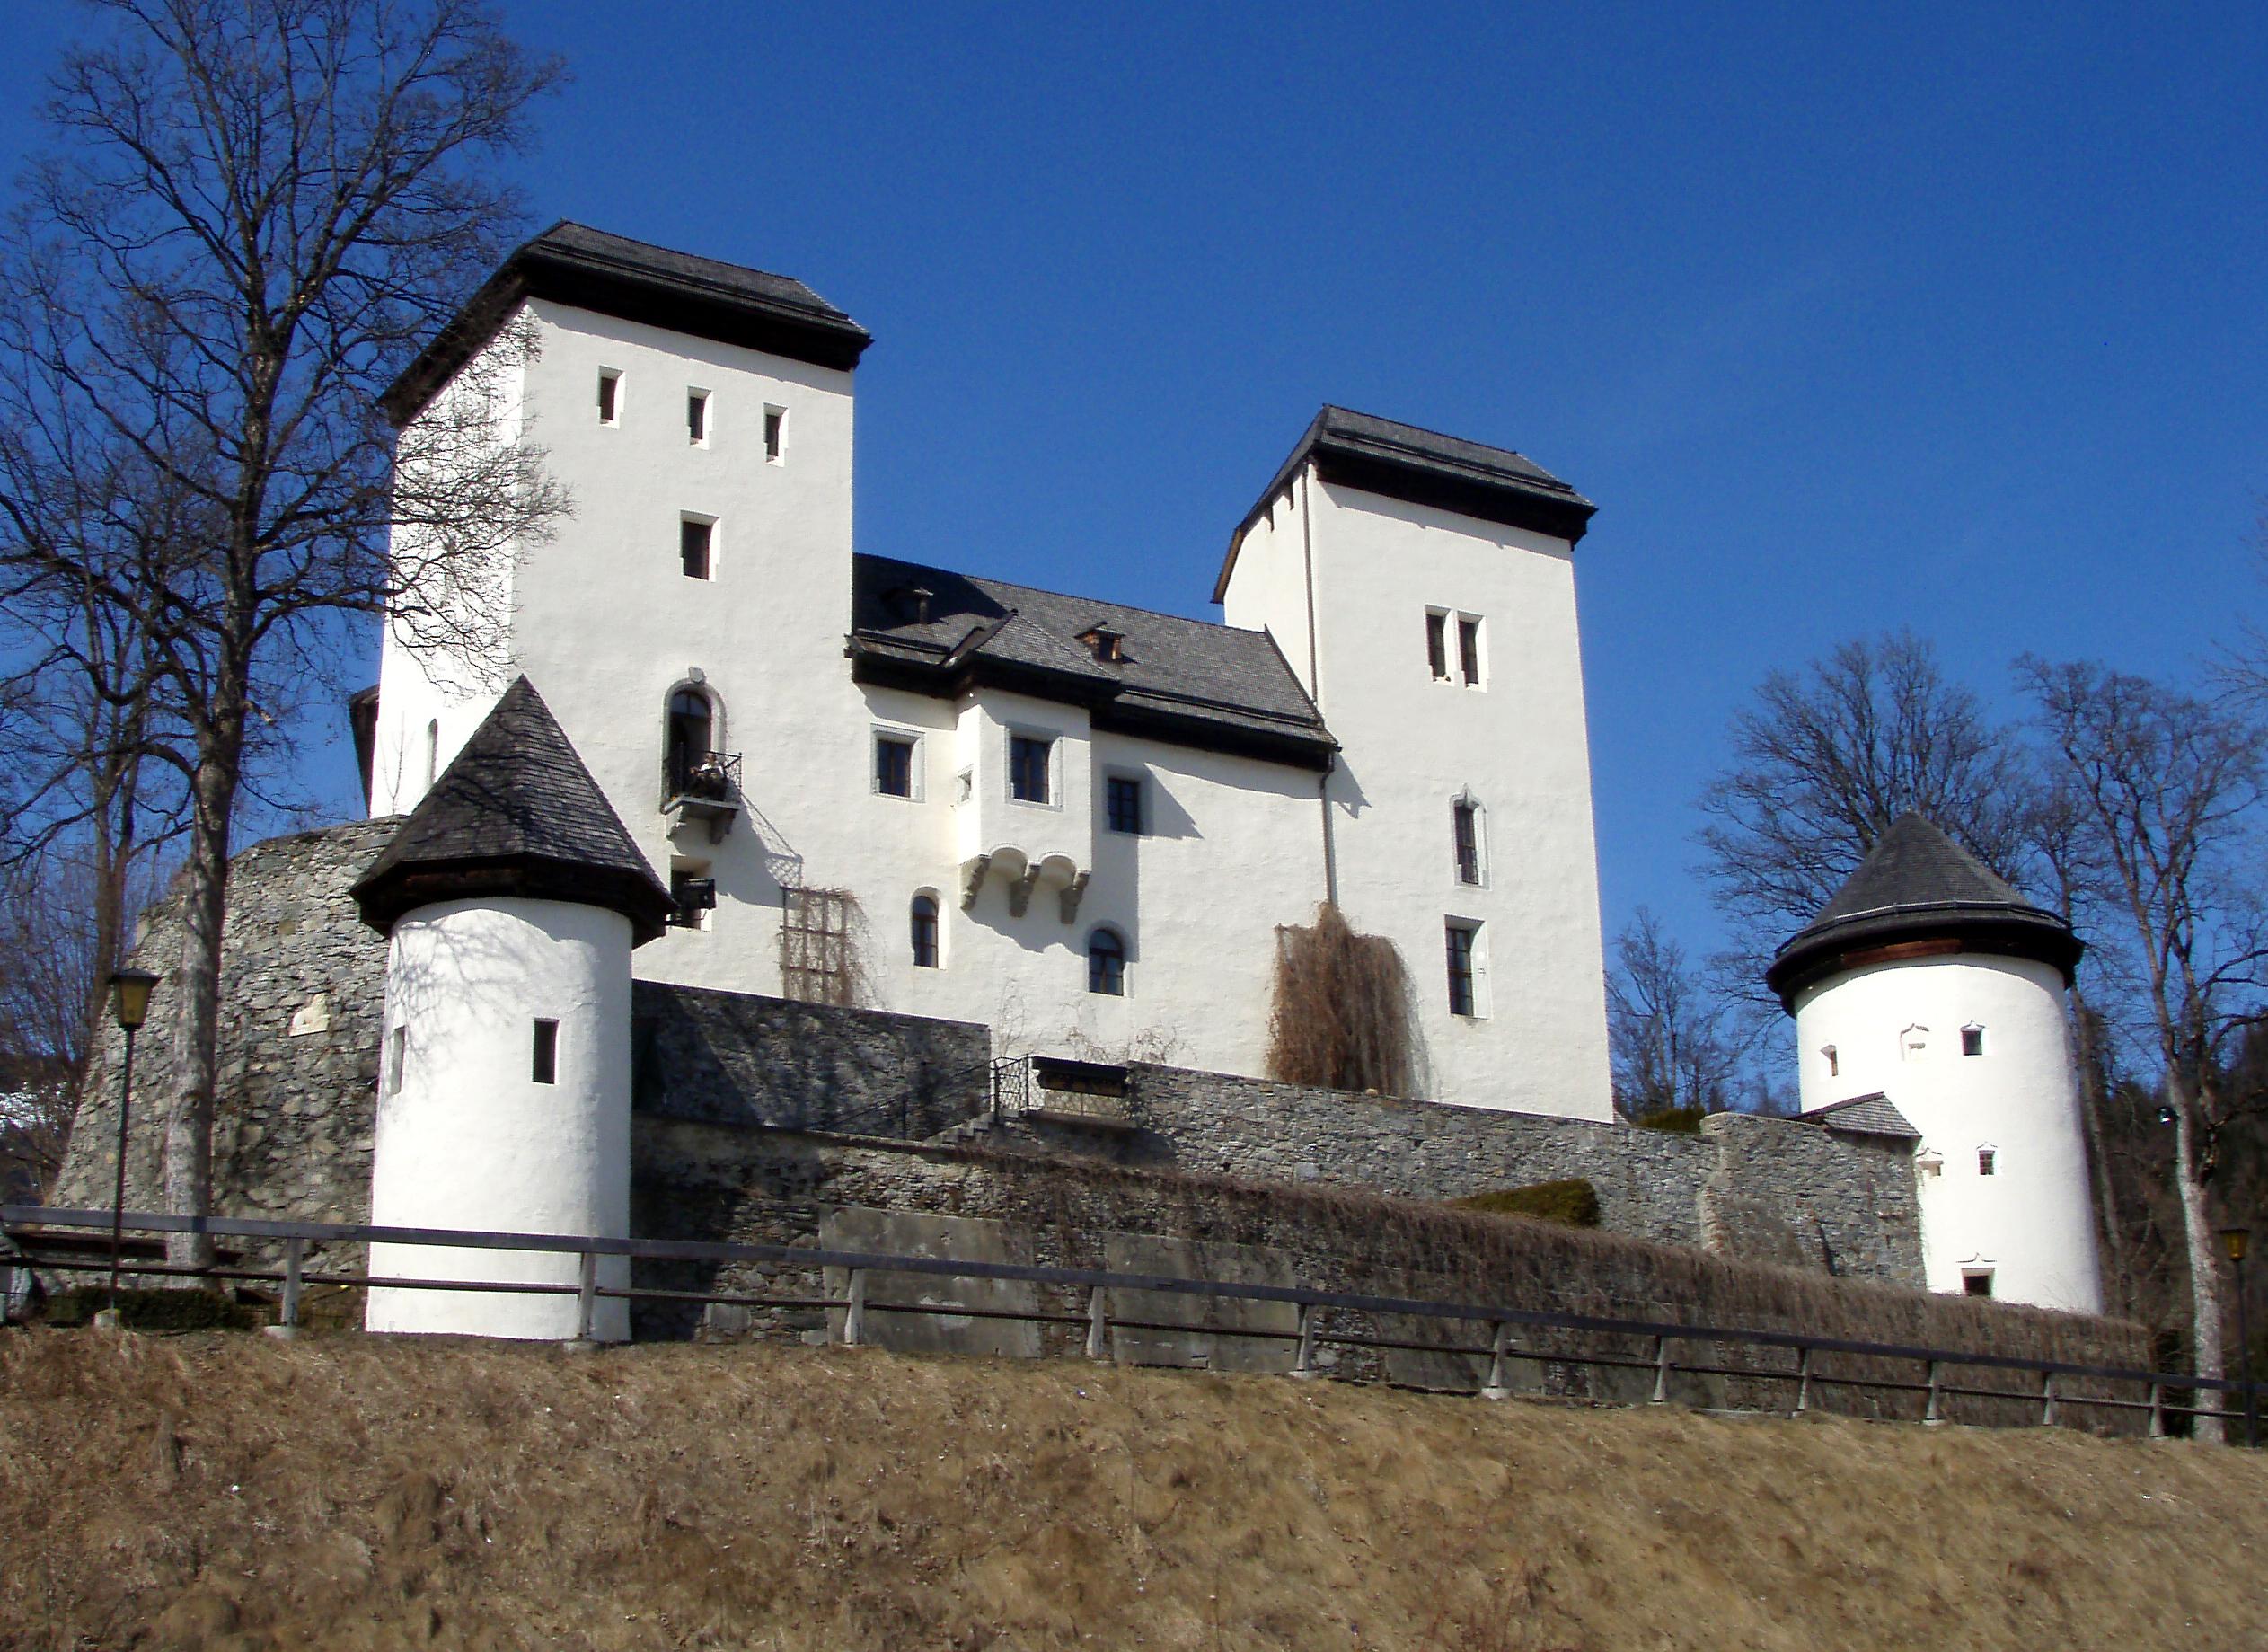 File:Schloss Goldegg 02.jpg - Wikimedia Commons